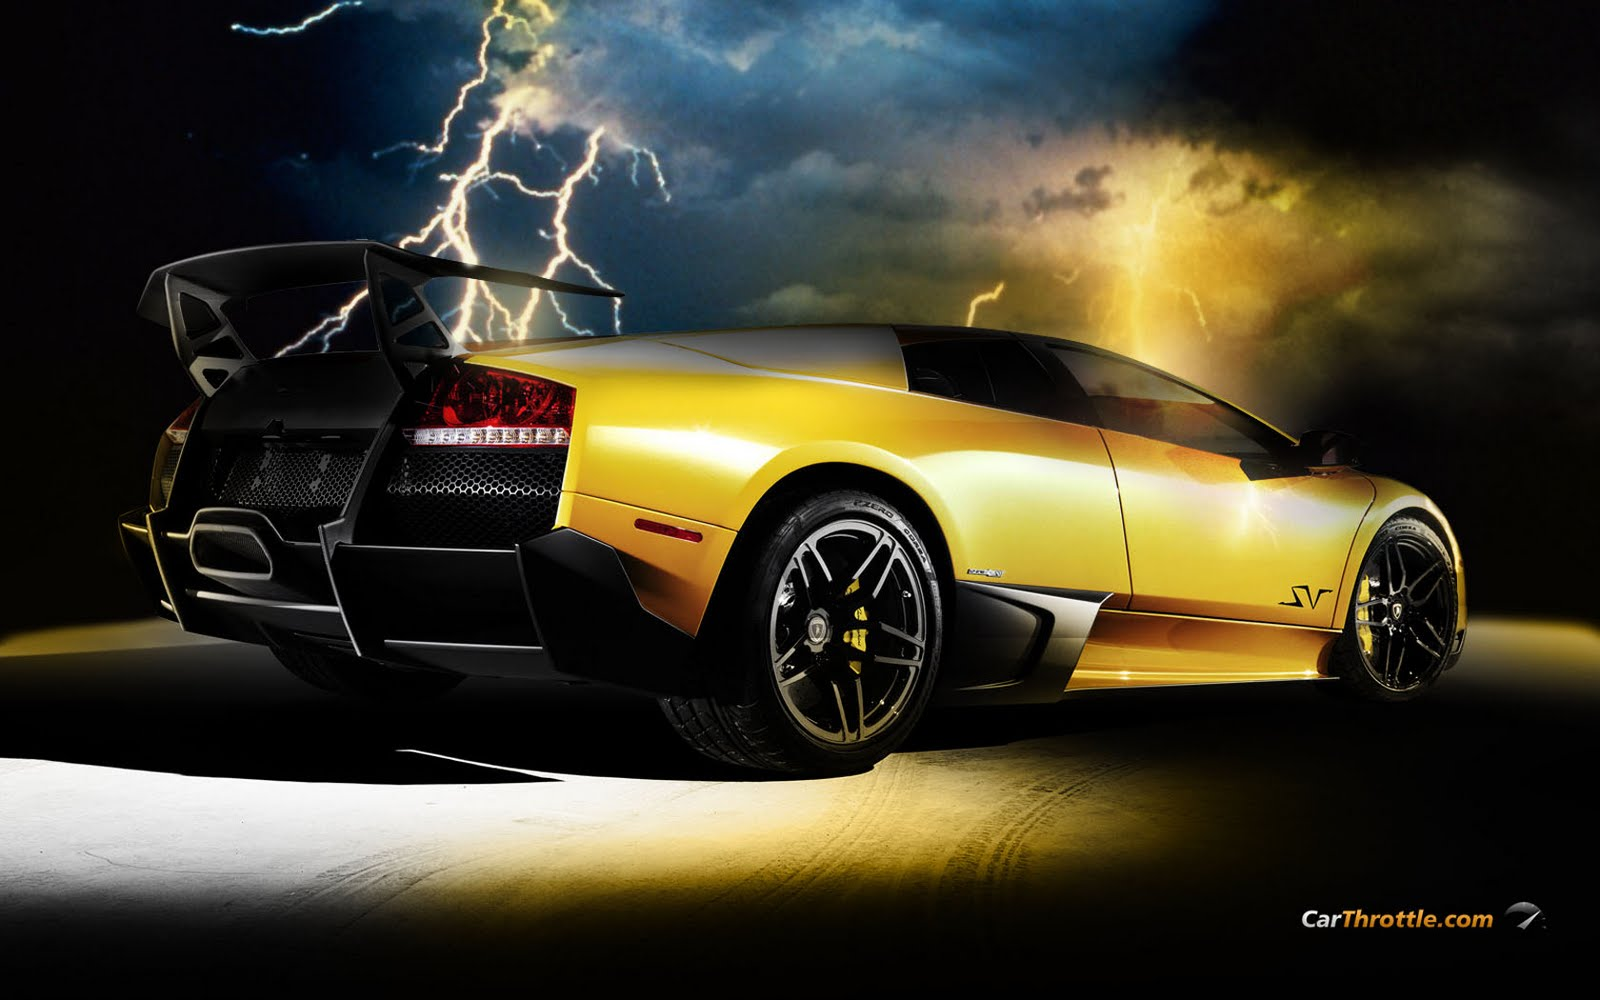 http://3.bp.blogspot.com/-Ft5J-30jK5Y/TcaYRT9DFMI/AAAAAAAABTg/9rlj_JQatA0/s1600/Lamborghini-Murcielago-Wallpaper-Hd_1005201102.jpg